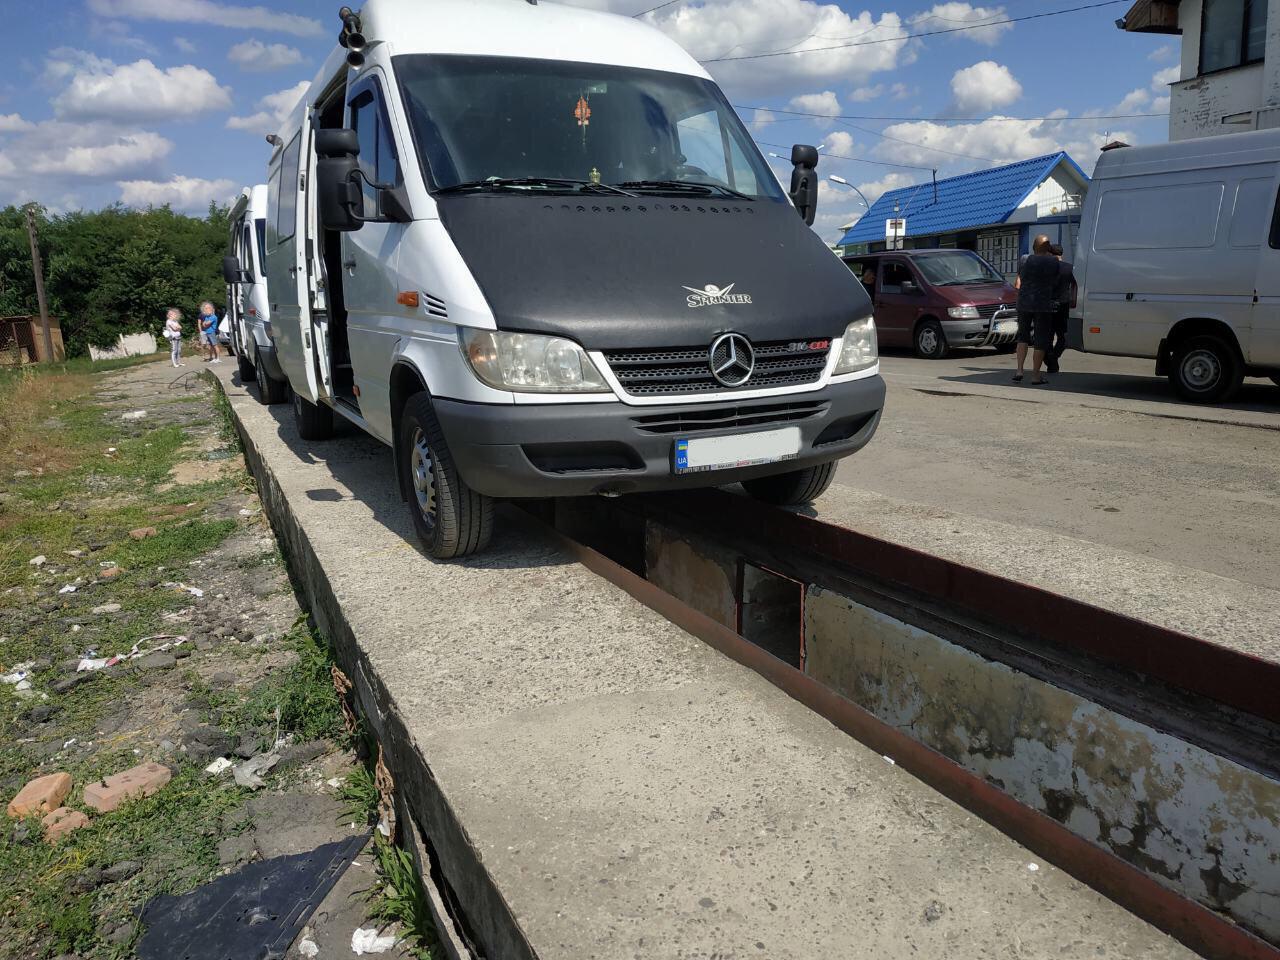 Закарпатські митники знайшли у двох мікроавтобусах подвійні днища з цигарками (ФОТО), фото-1